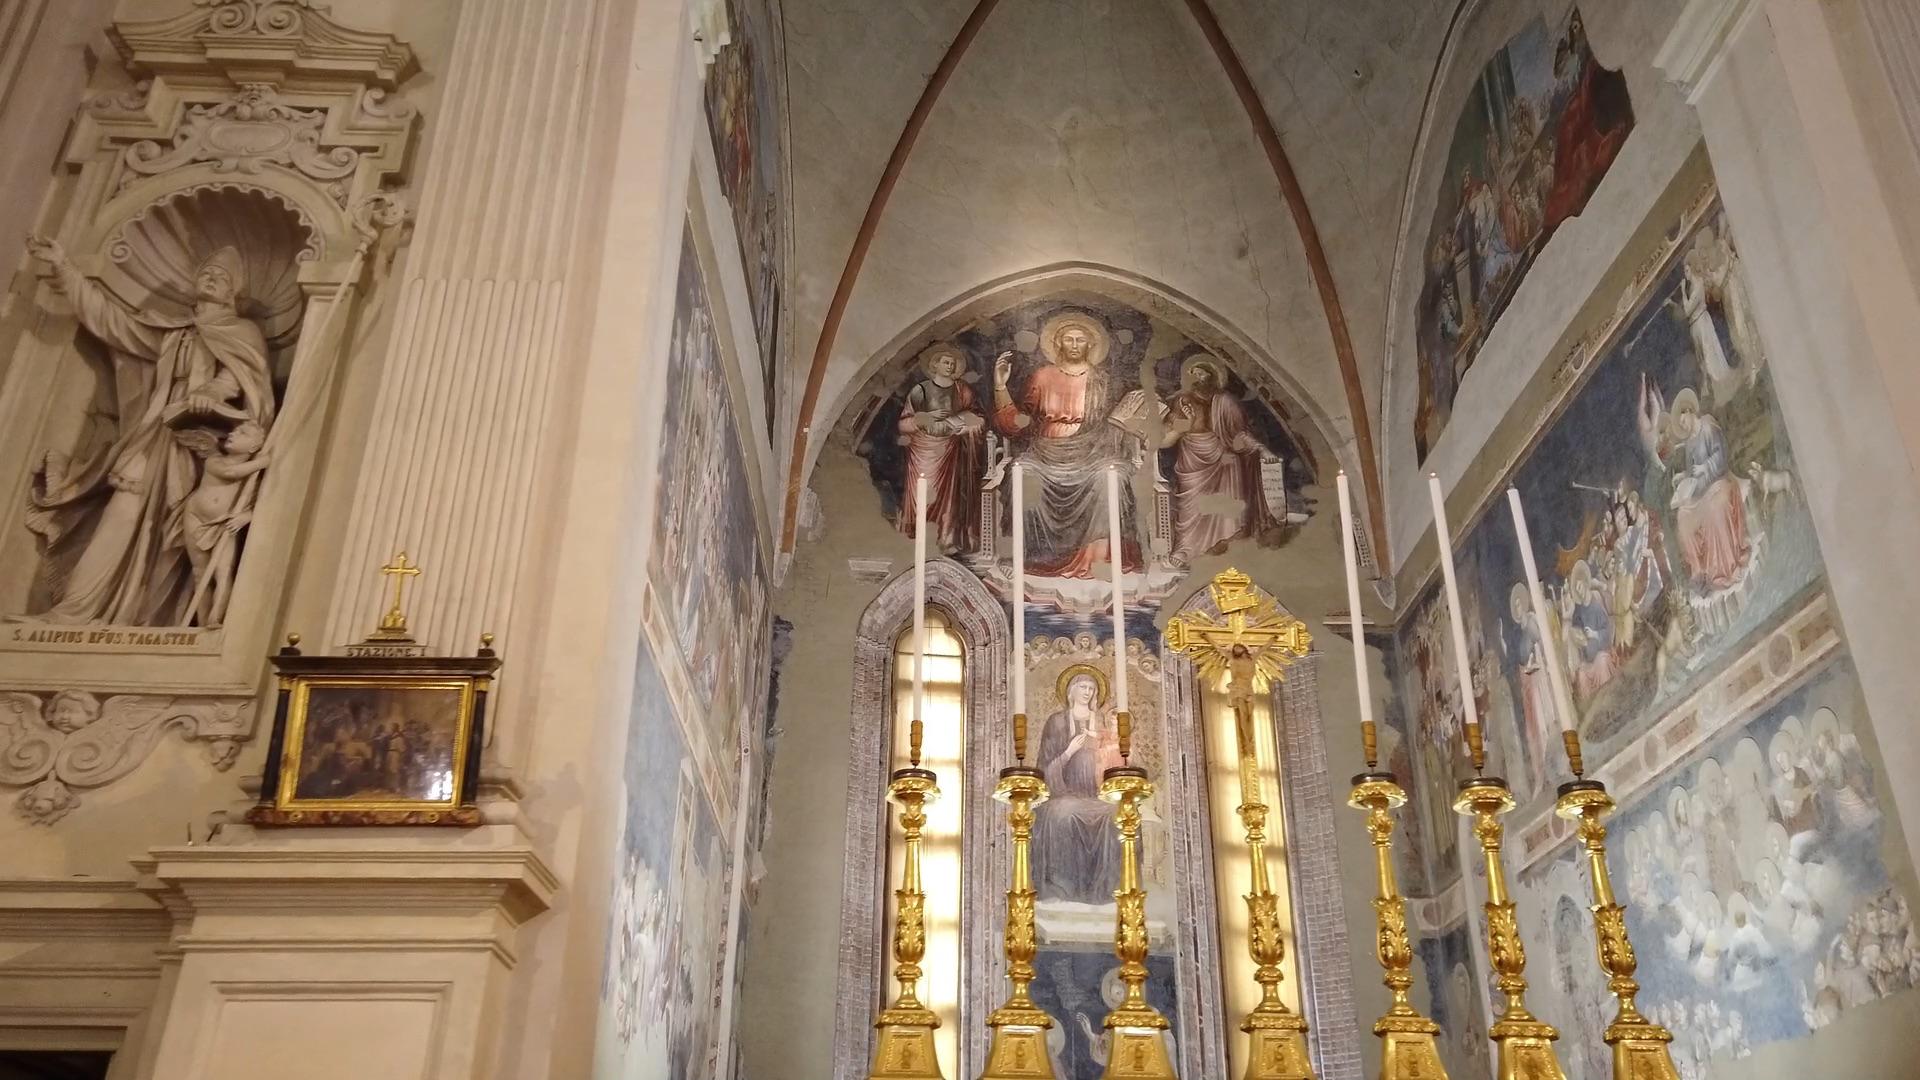 Luoghi d'incanto – La pittura del trecento a Rimini nella Chiesa di Sant'Agostino